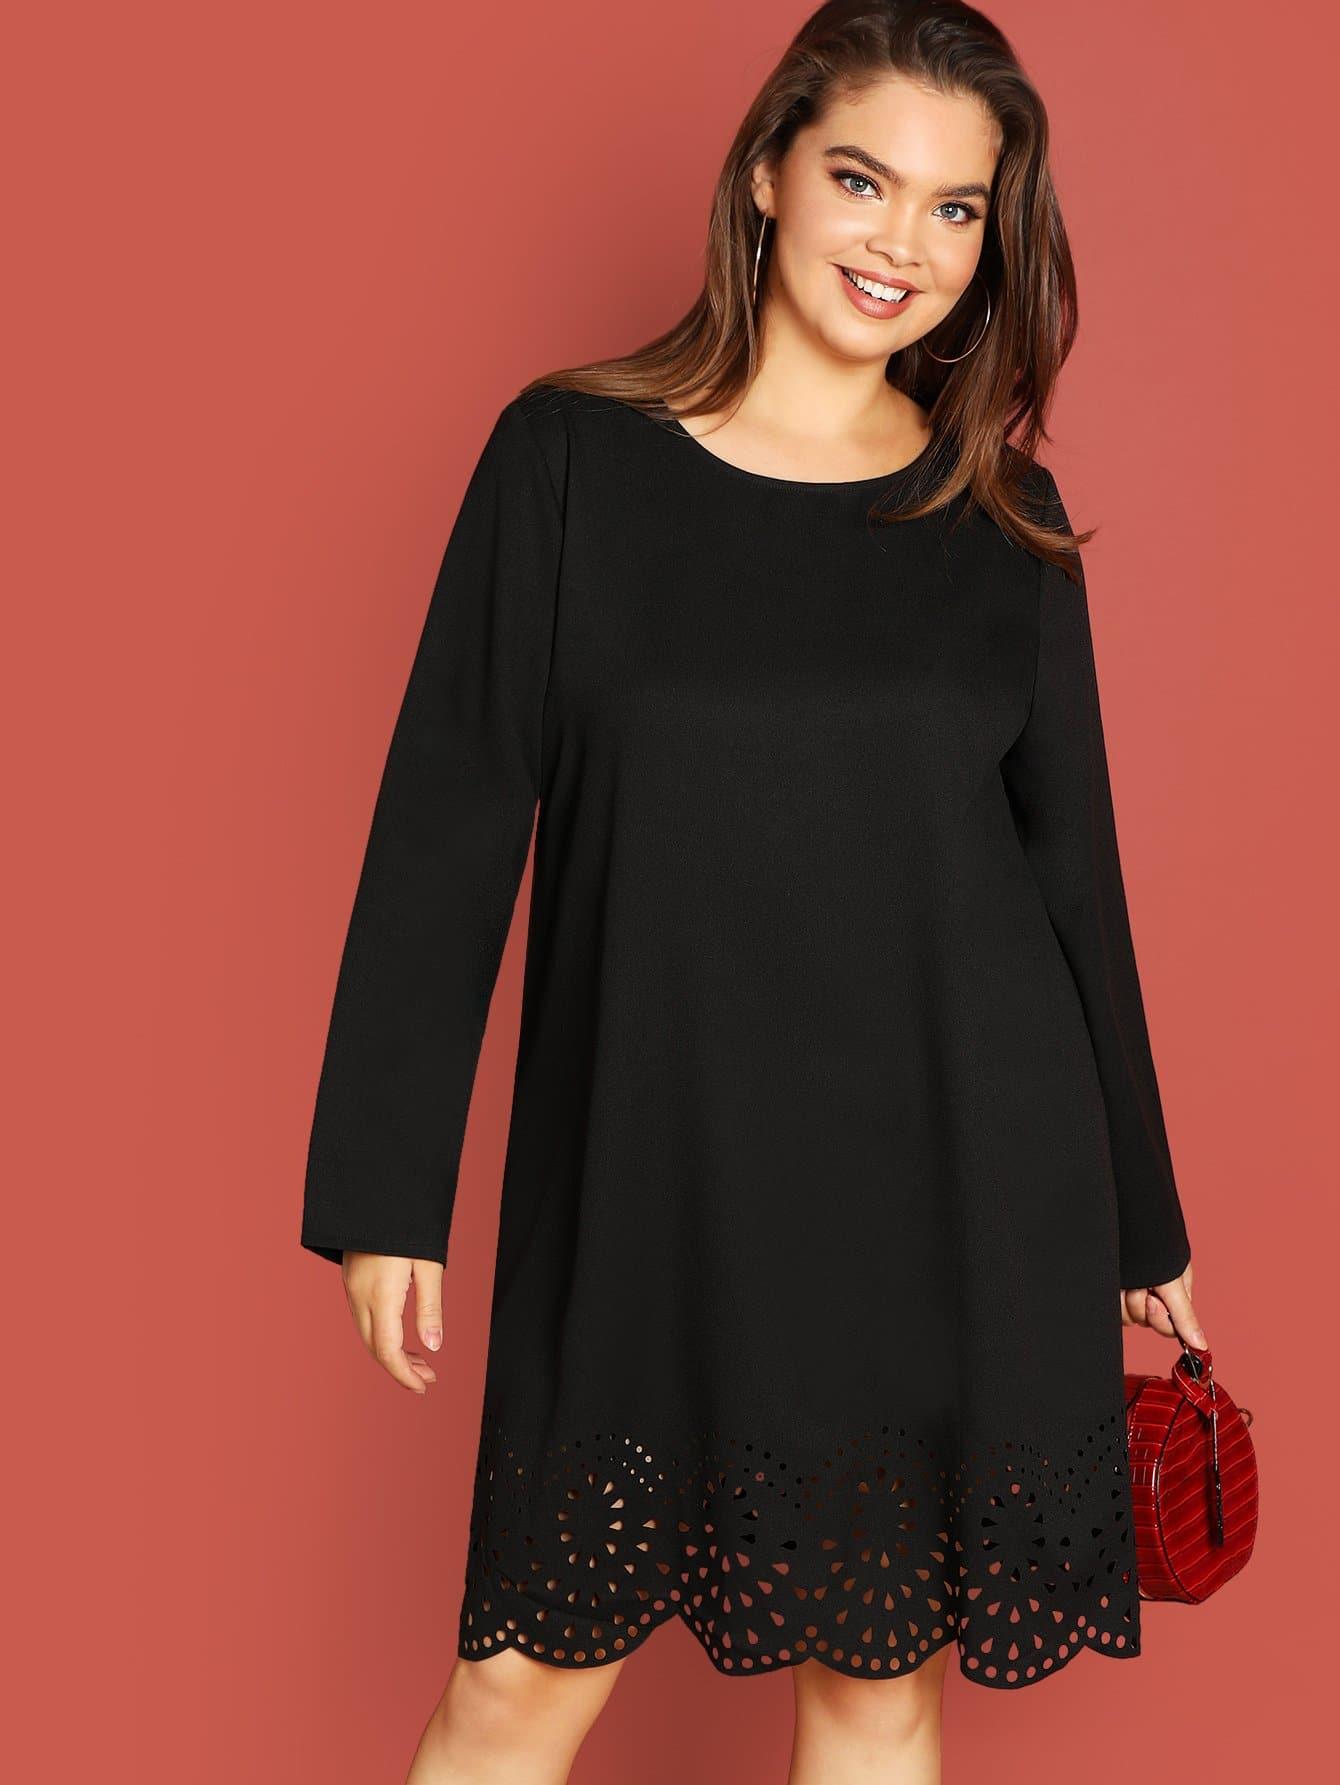 Фото - Плюс размера гребешок лазерная резка платье от SheIn цвет чёрные